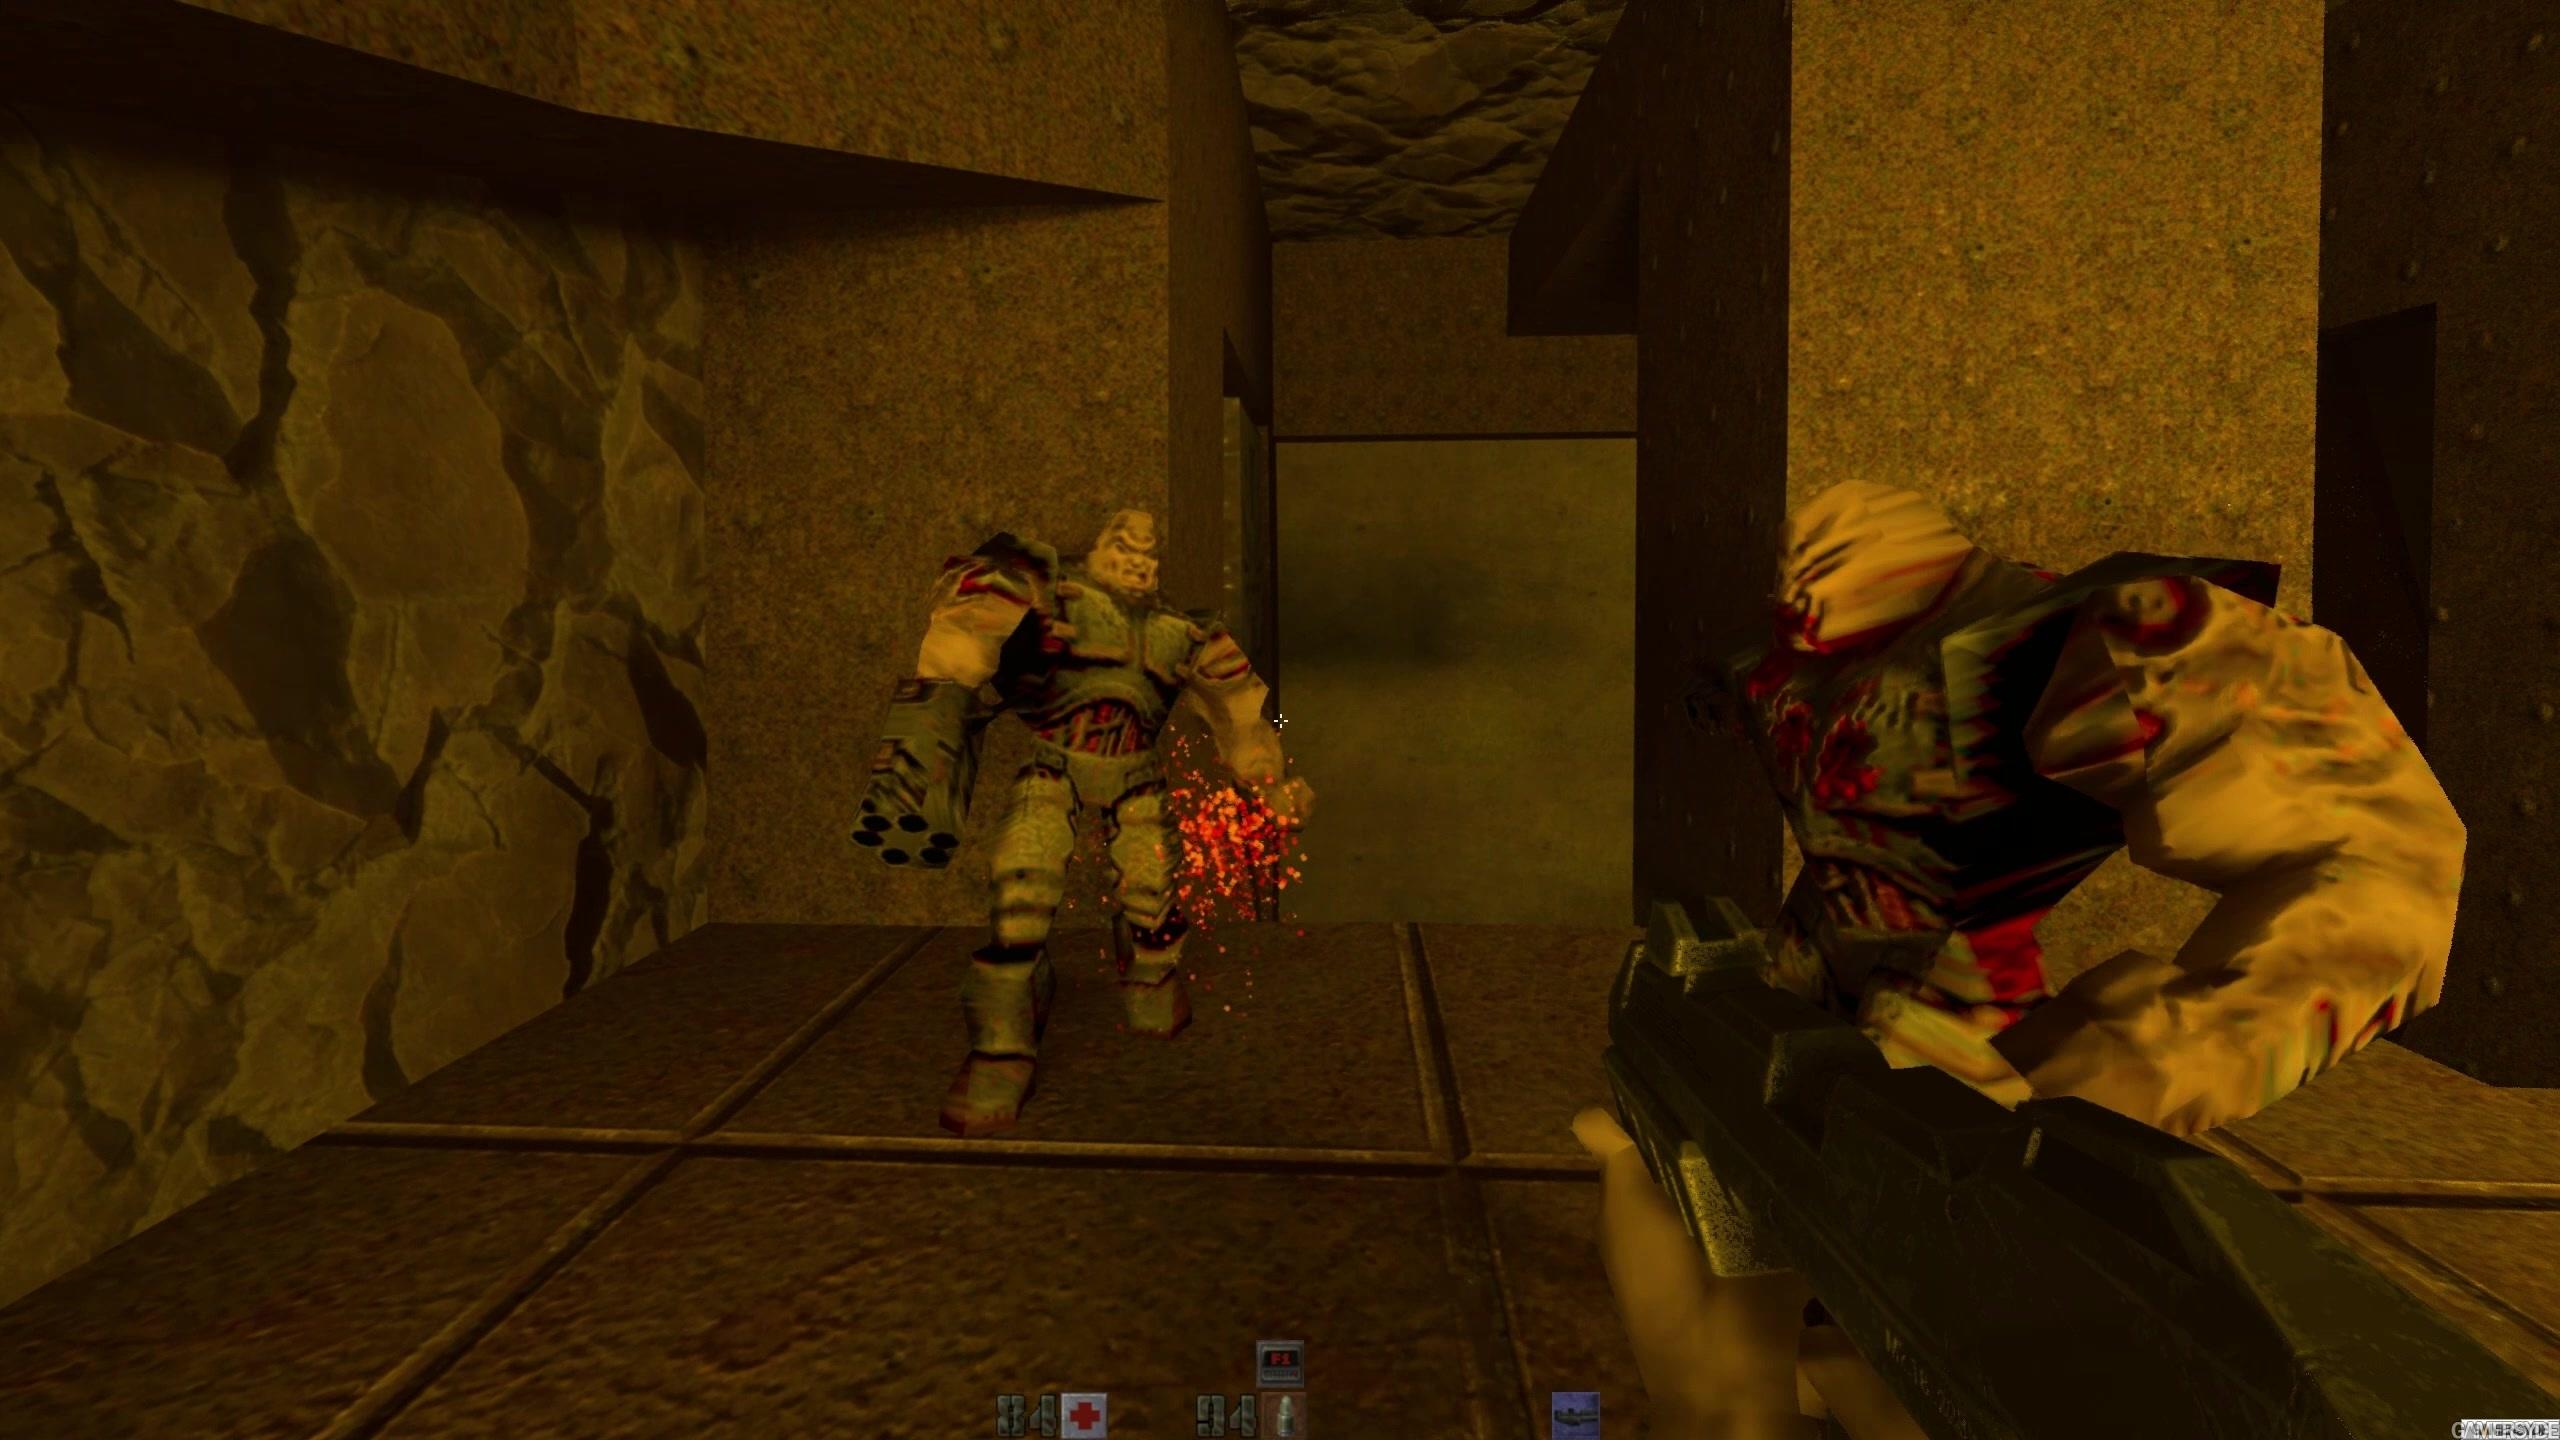 Quake II RTX - Gameplay #4 (1440p)